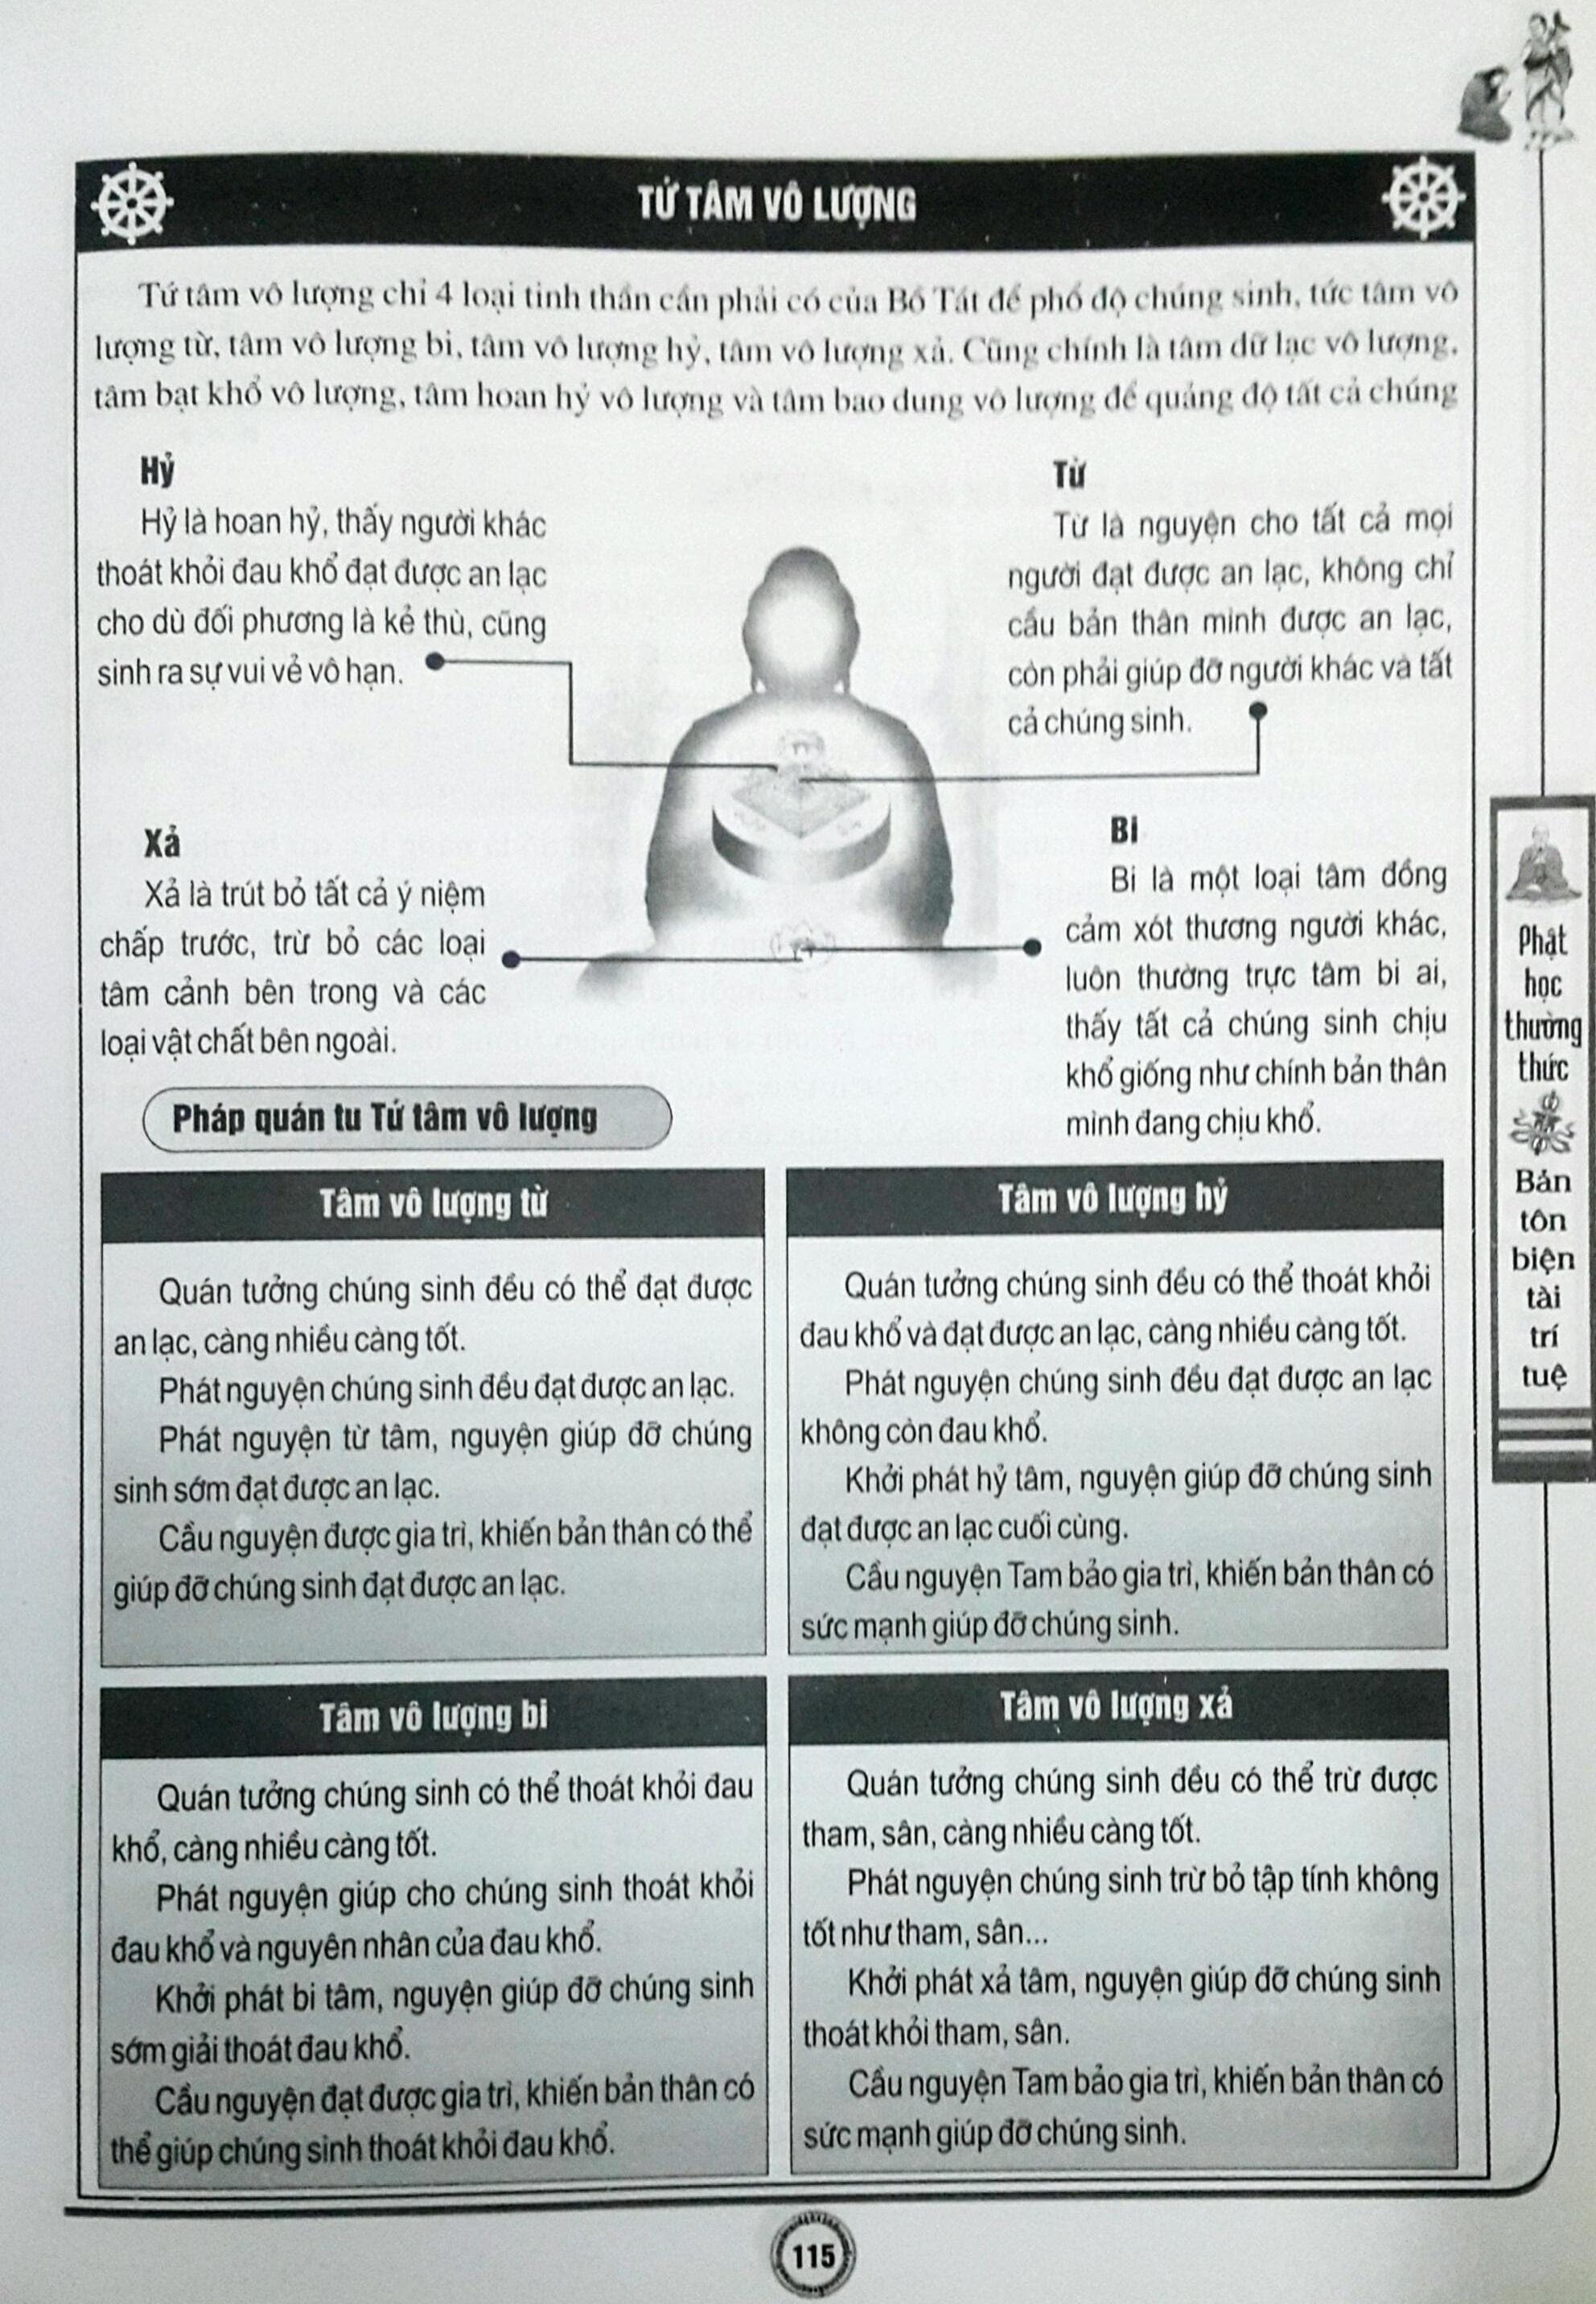 Phật Học Thường Thức - Bản Tôn Biện Tài Trí Tuệ